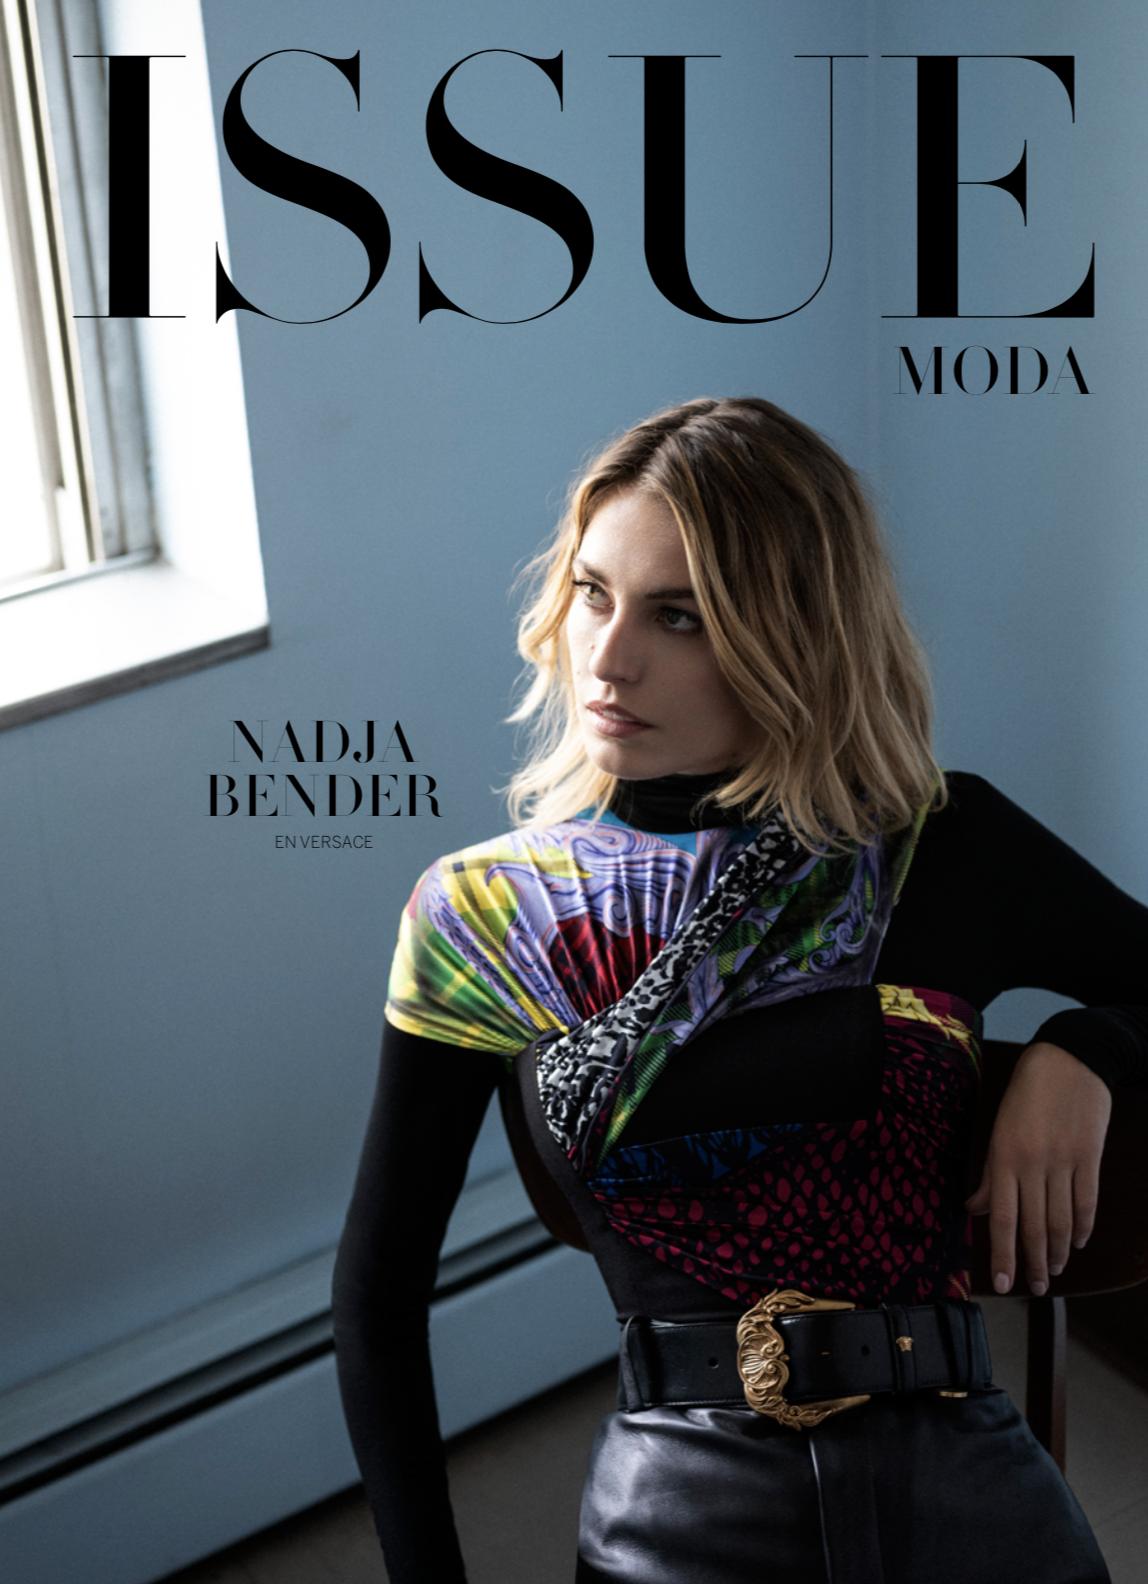 Issue - Nadja Bender